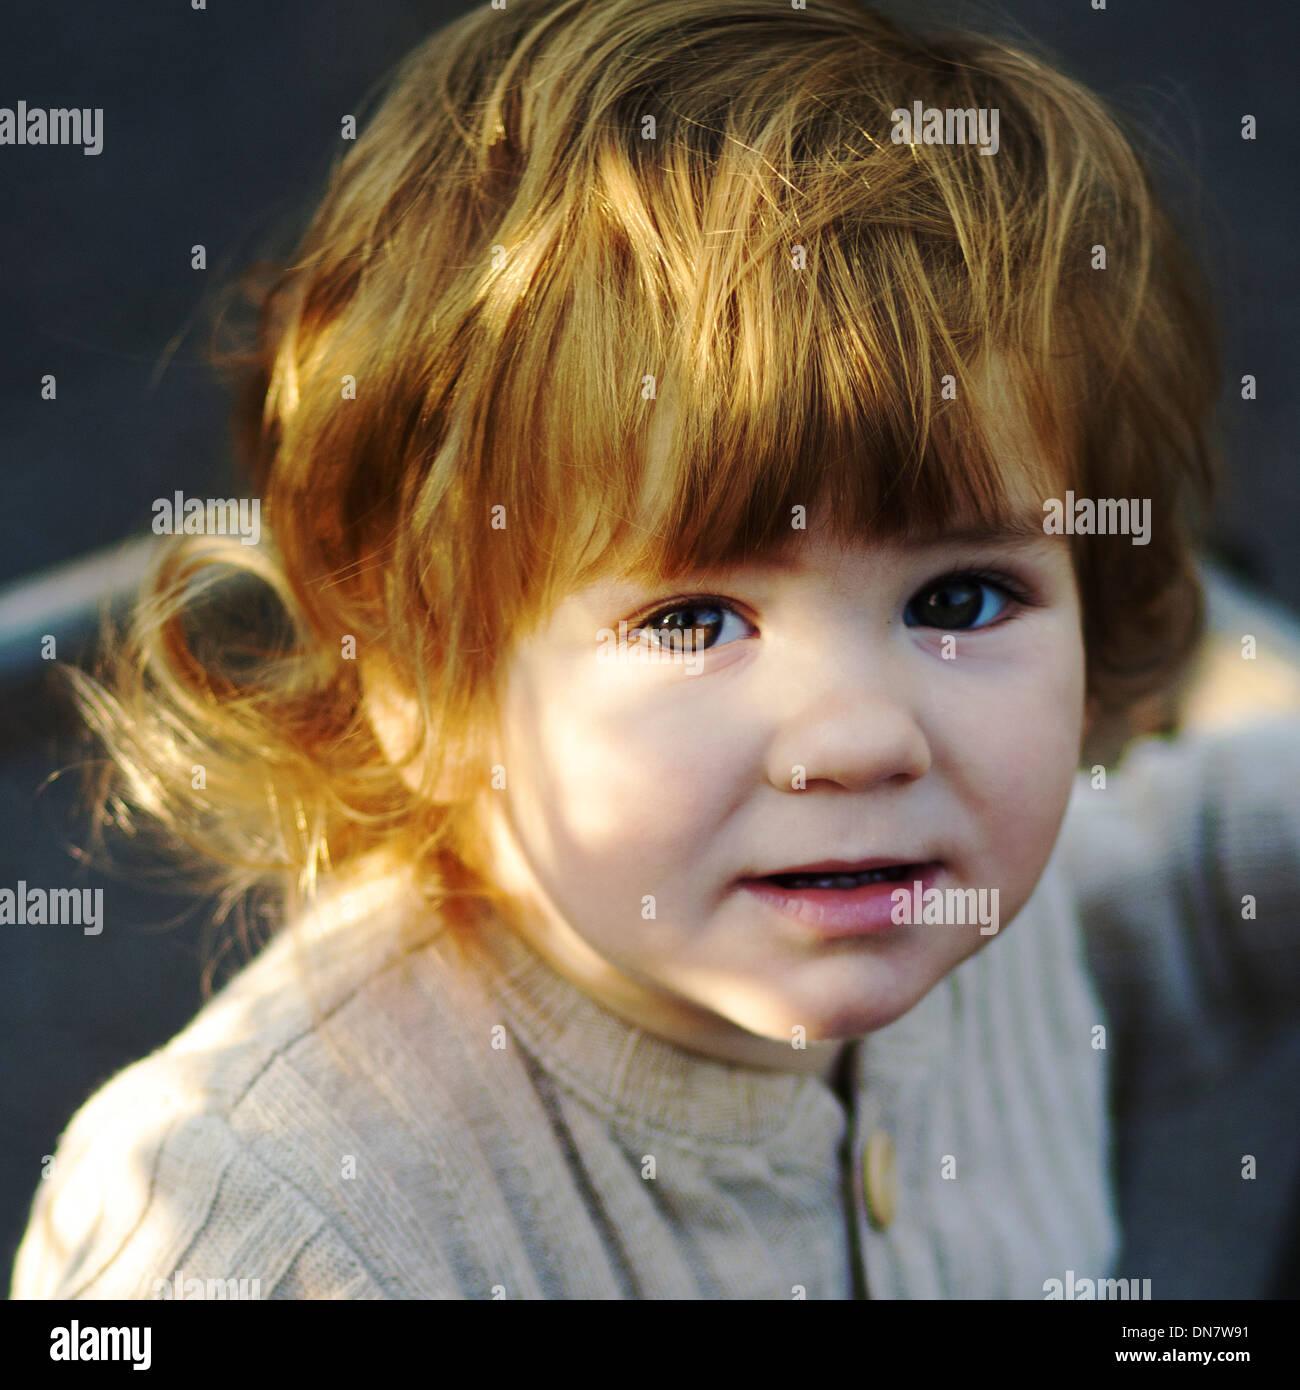 Porträt eines kleinen Jungen Stockbild